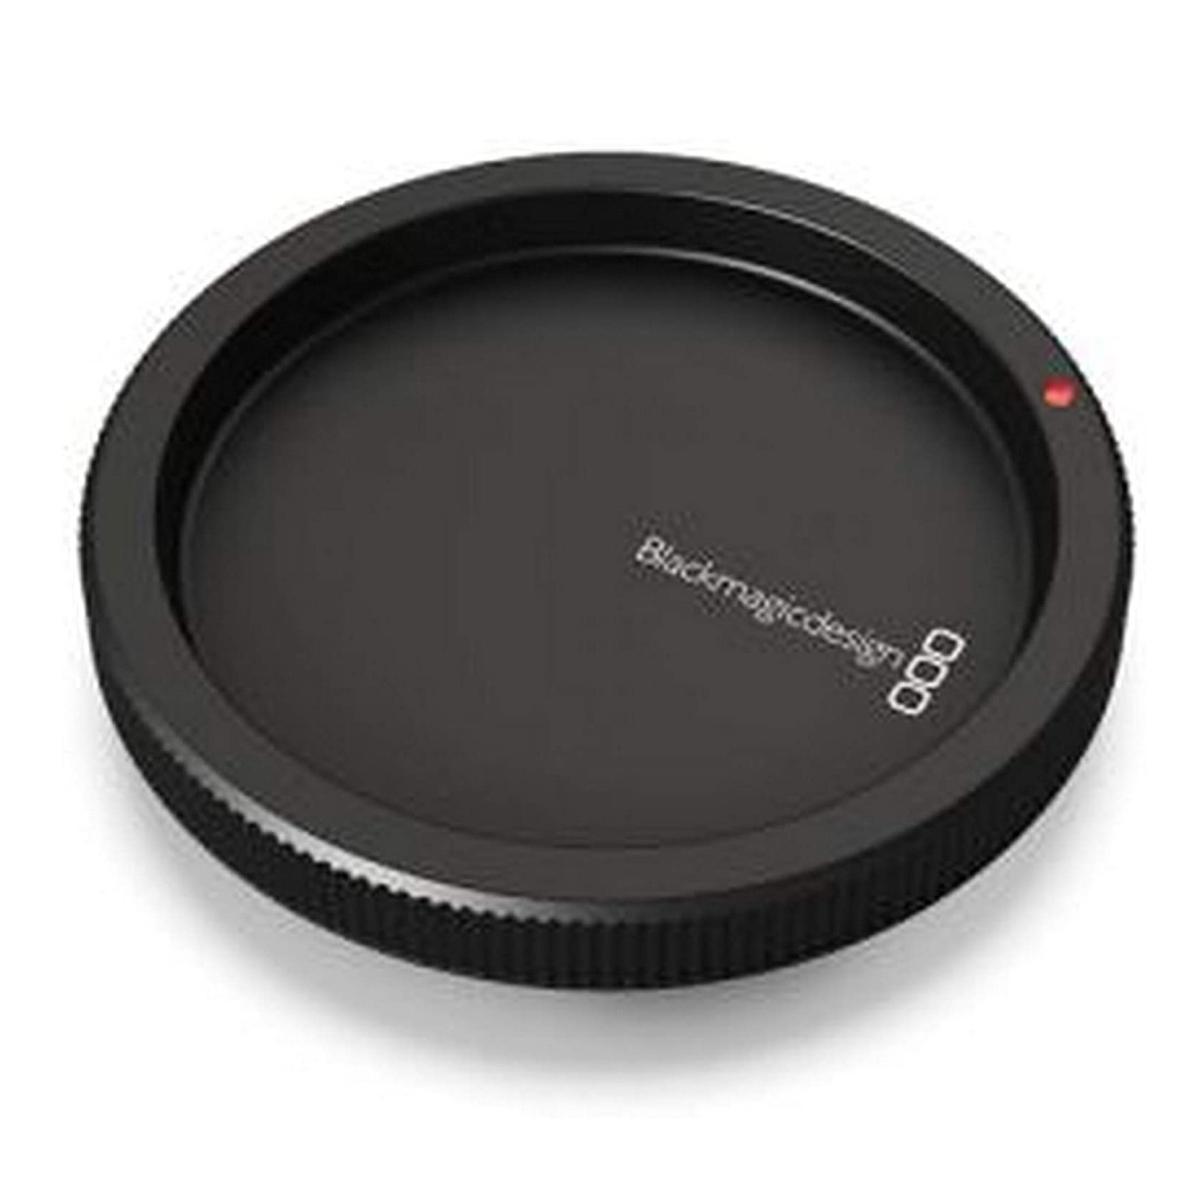 Blackmagic Camera - Lens Cap MFT